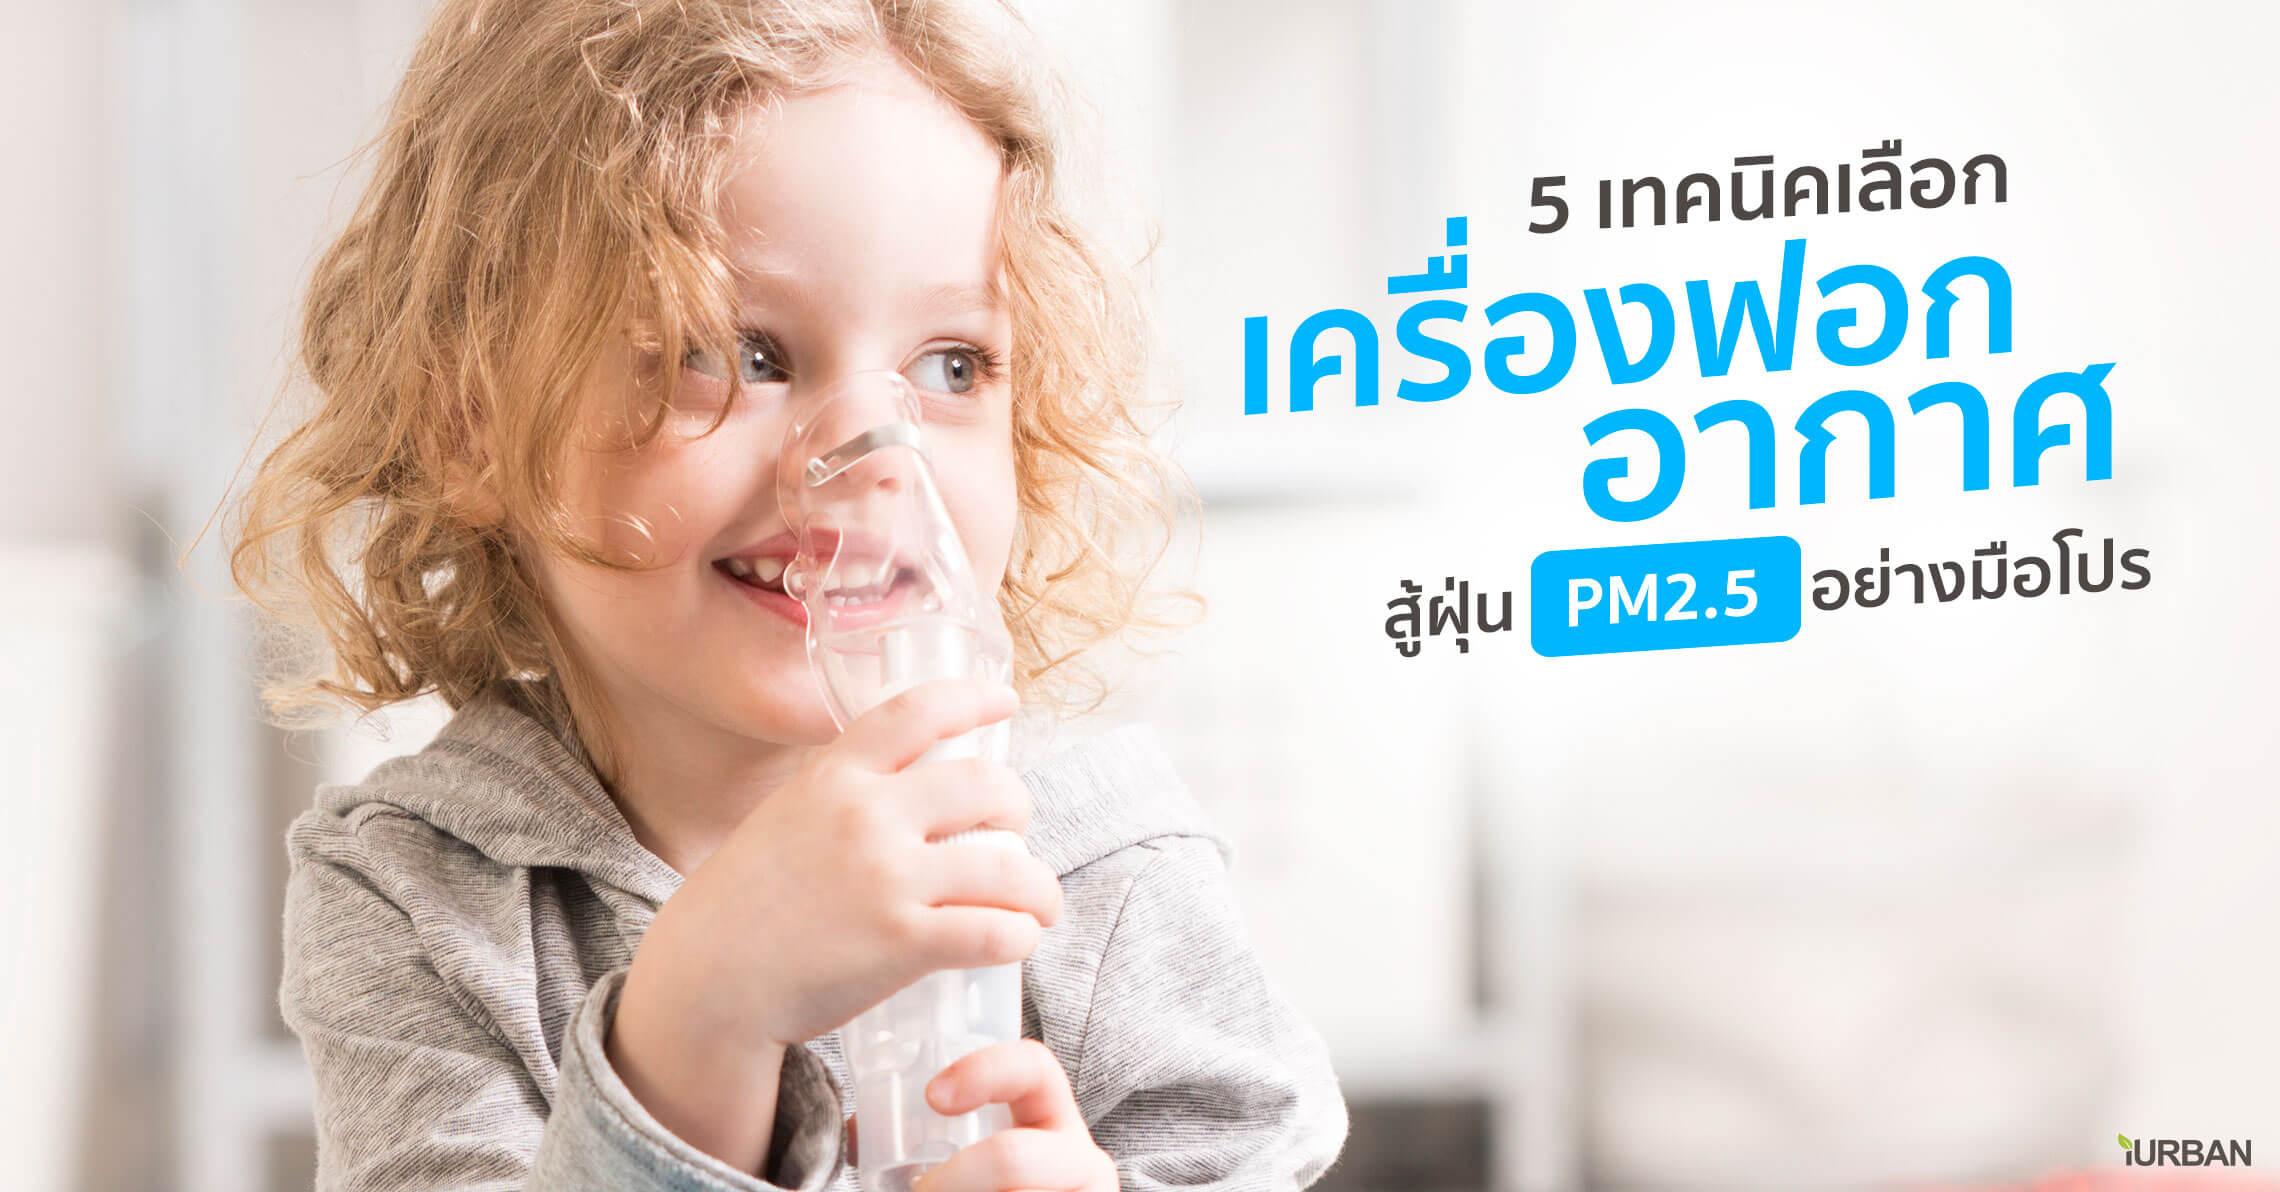 5 เทคนิคเลือกเครื่องฟอกอากาศอย่างมือโปร 2019 สู้ #ฝุ่นPM25 4 -